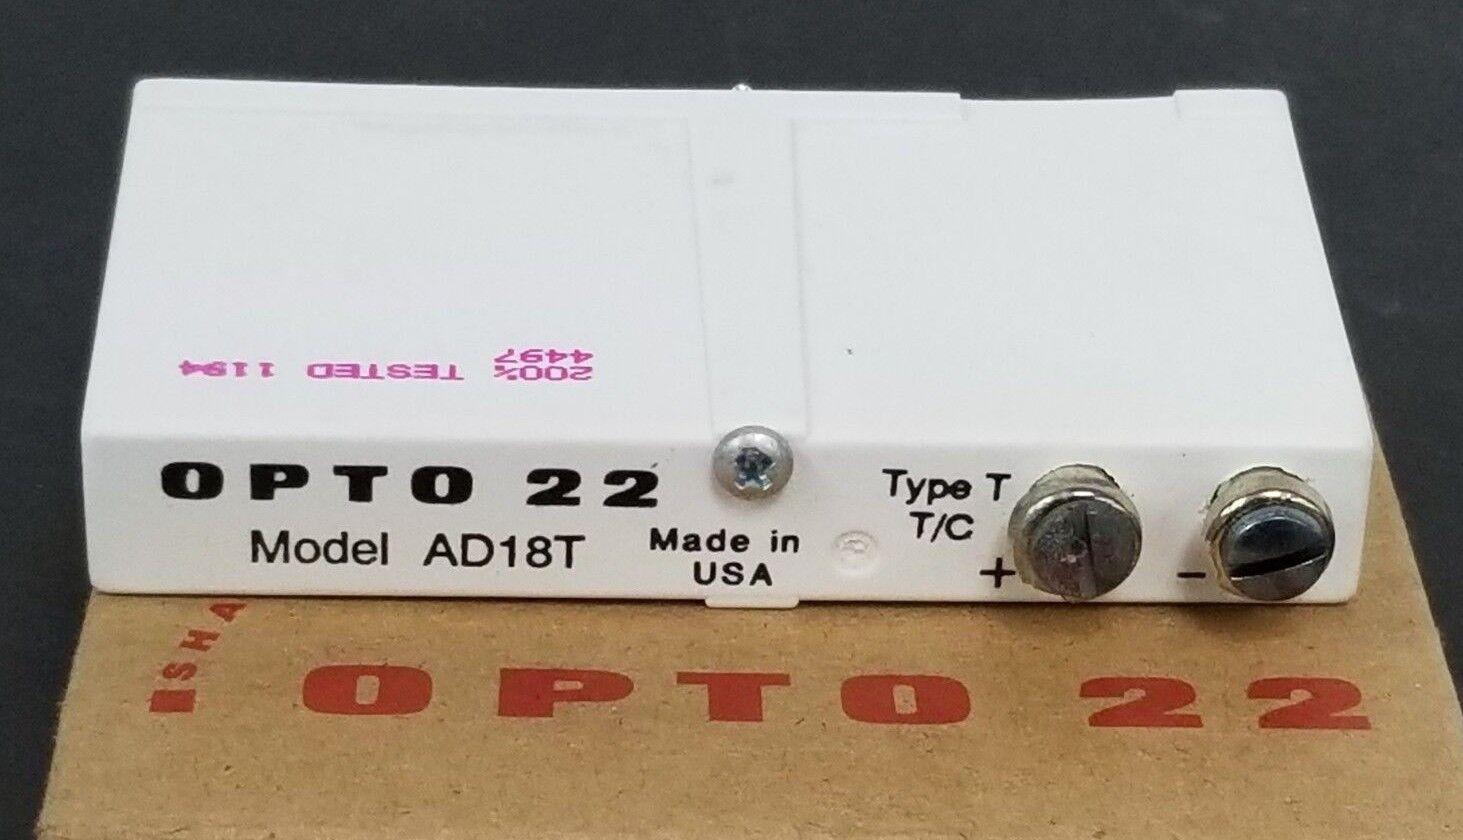 Nuevo En Caja opto 22 AD18T Módulo De Entrada Entrada Entrada De Termopar tipo: T T/C c179eb